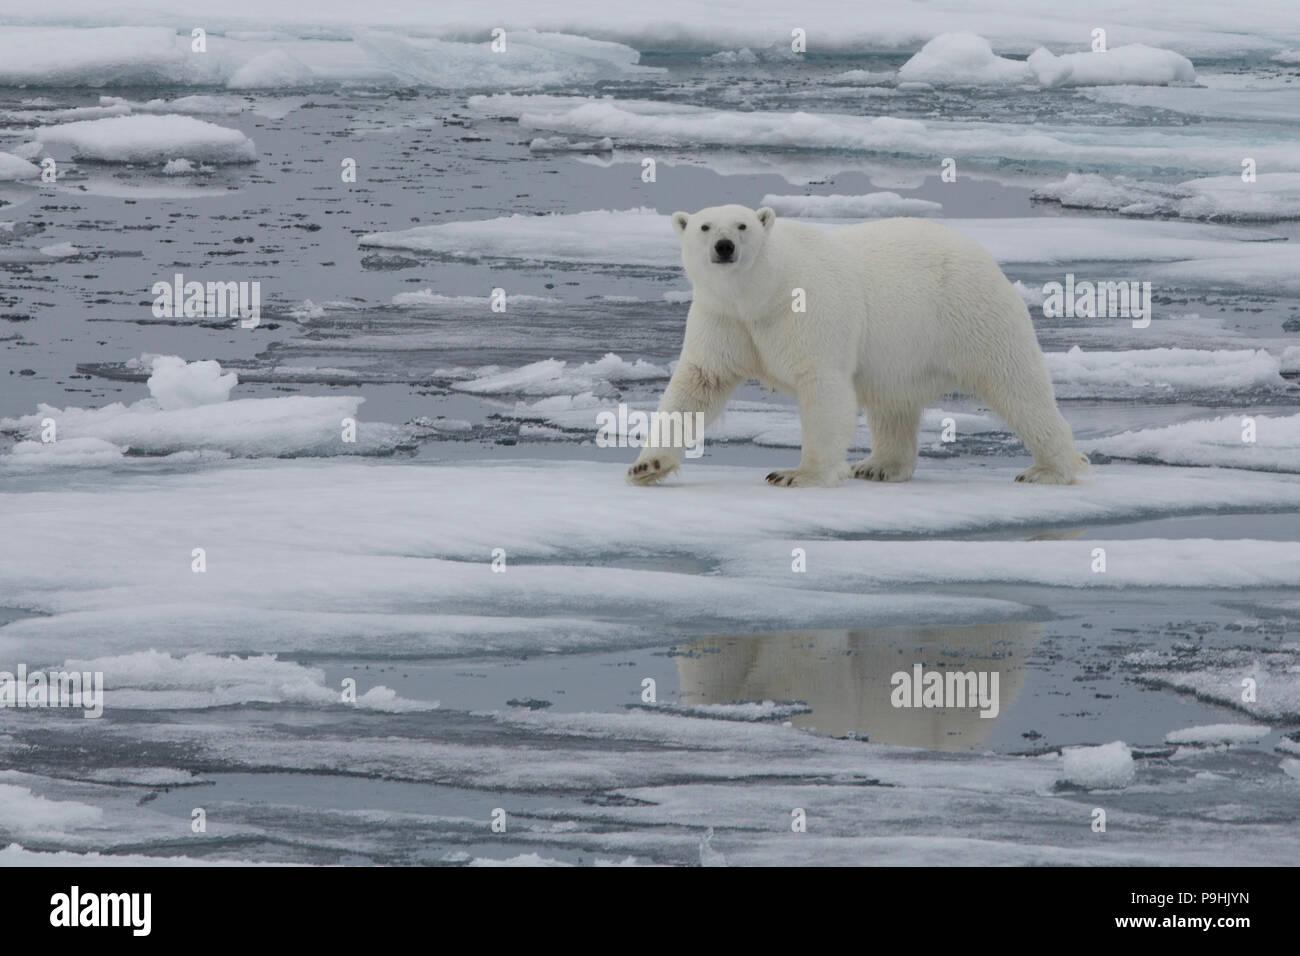 La marche de l'ours polaire sur une fine couche de la glace près de Svalbard Photo Stock